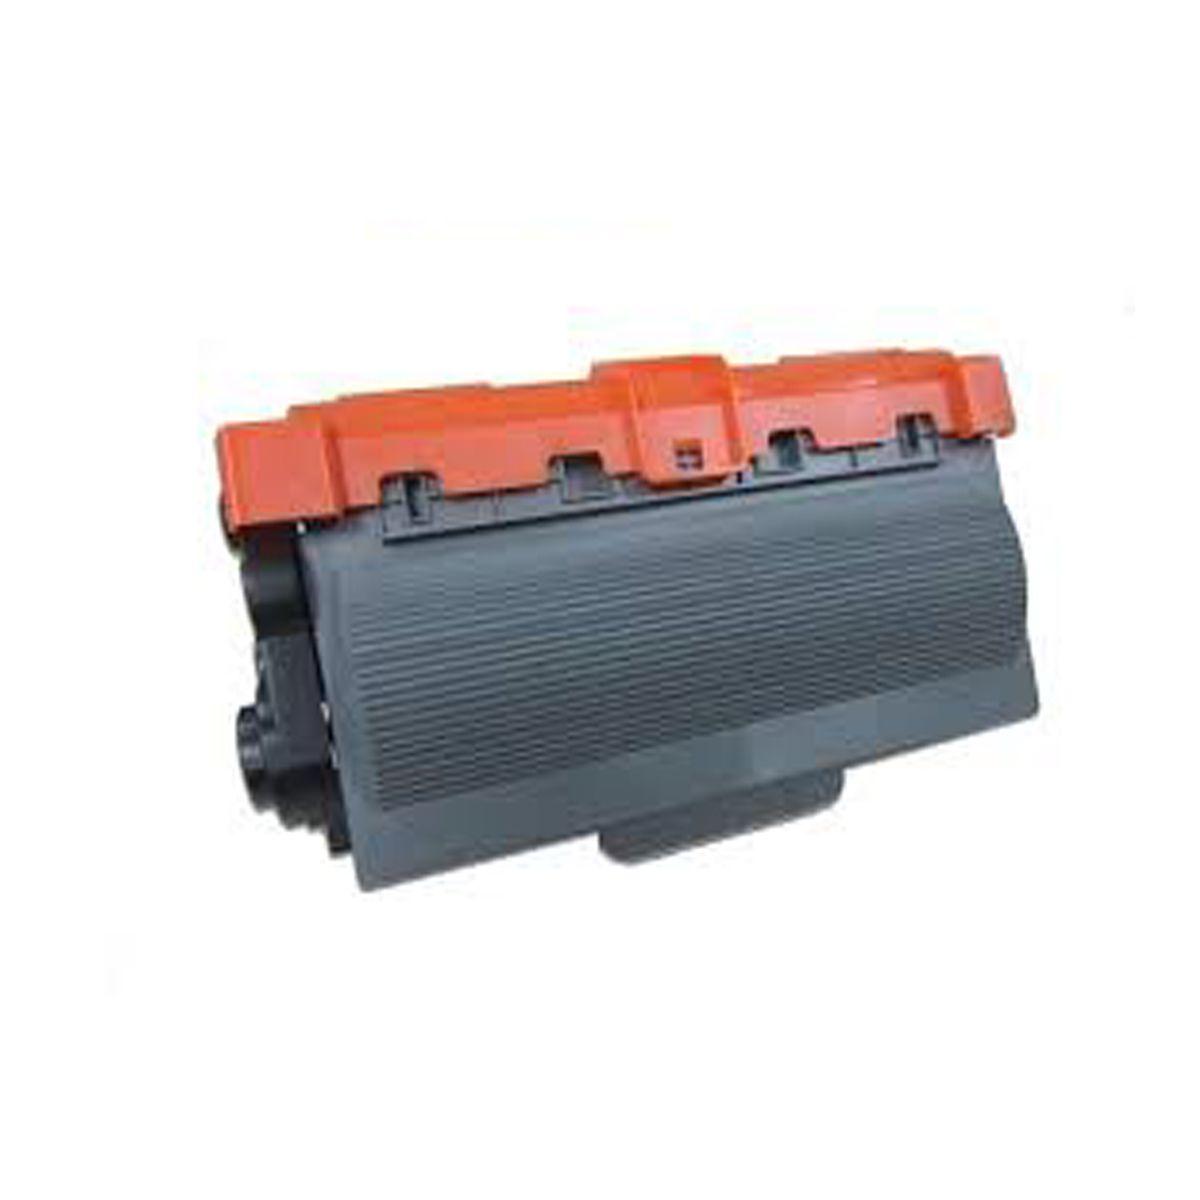 Toner Brother TN780 - MFC8950 DCP8157 MFC8952 MFC8712 MFC8912 HL6182 - Compatível - 12K